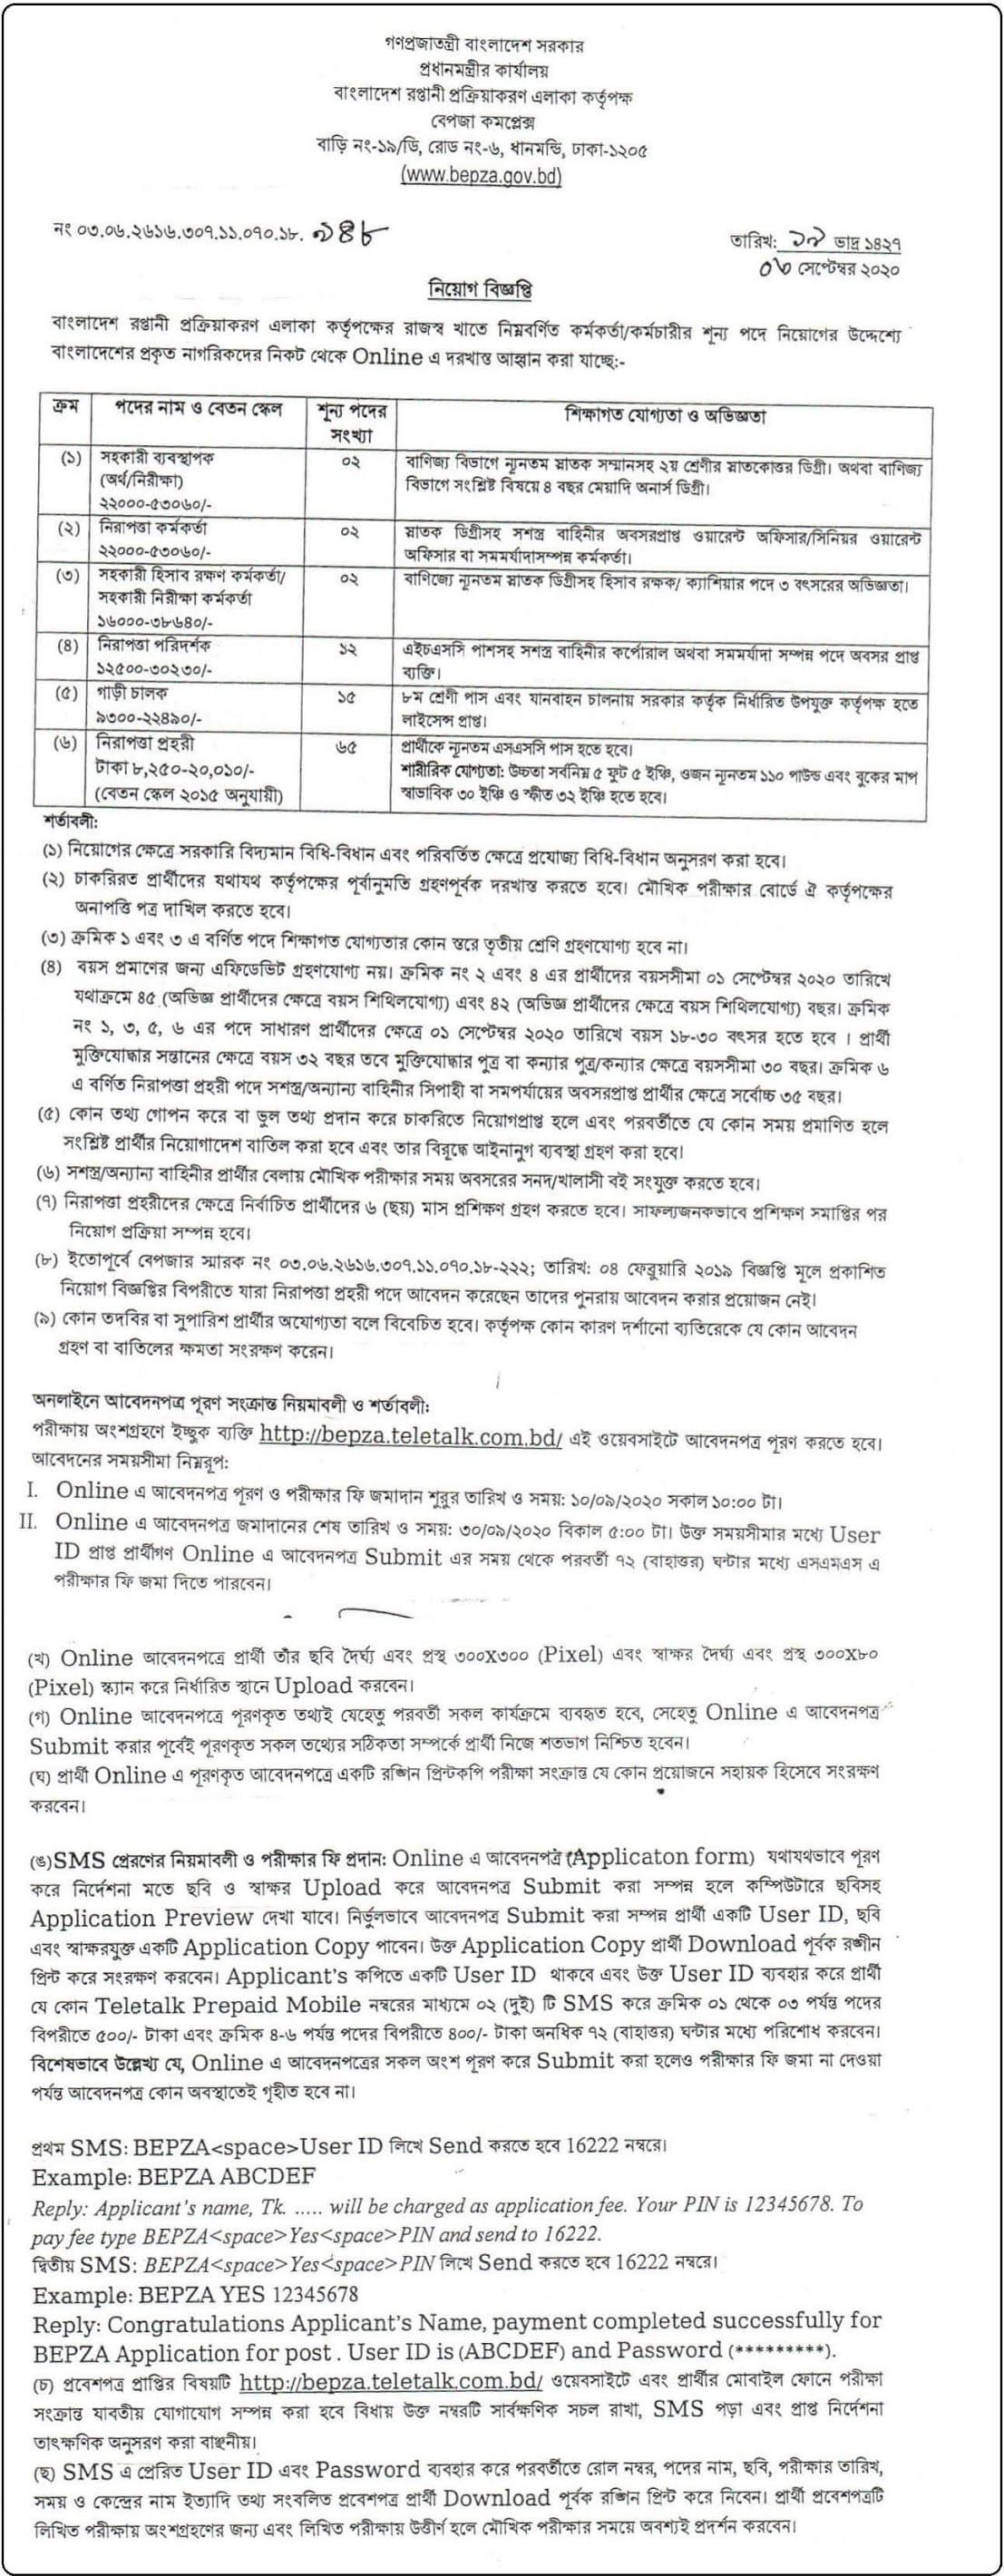 বাংলাদেশ রপ্তানি প্রক্রিয়াকরণ এলাকা (বেপজা) নিয়োগ বিজ্ঞপ্তি BEPZA Job Circular 2020